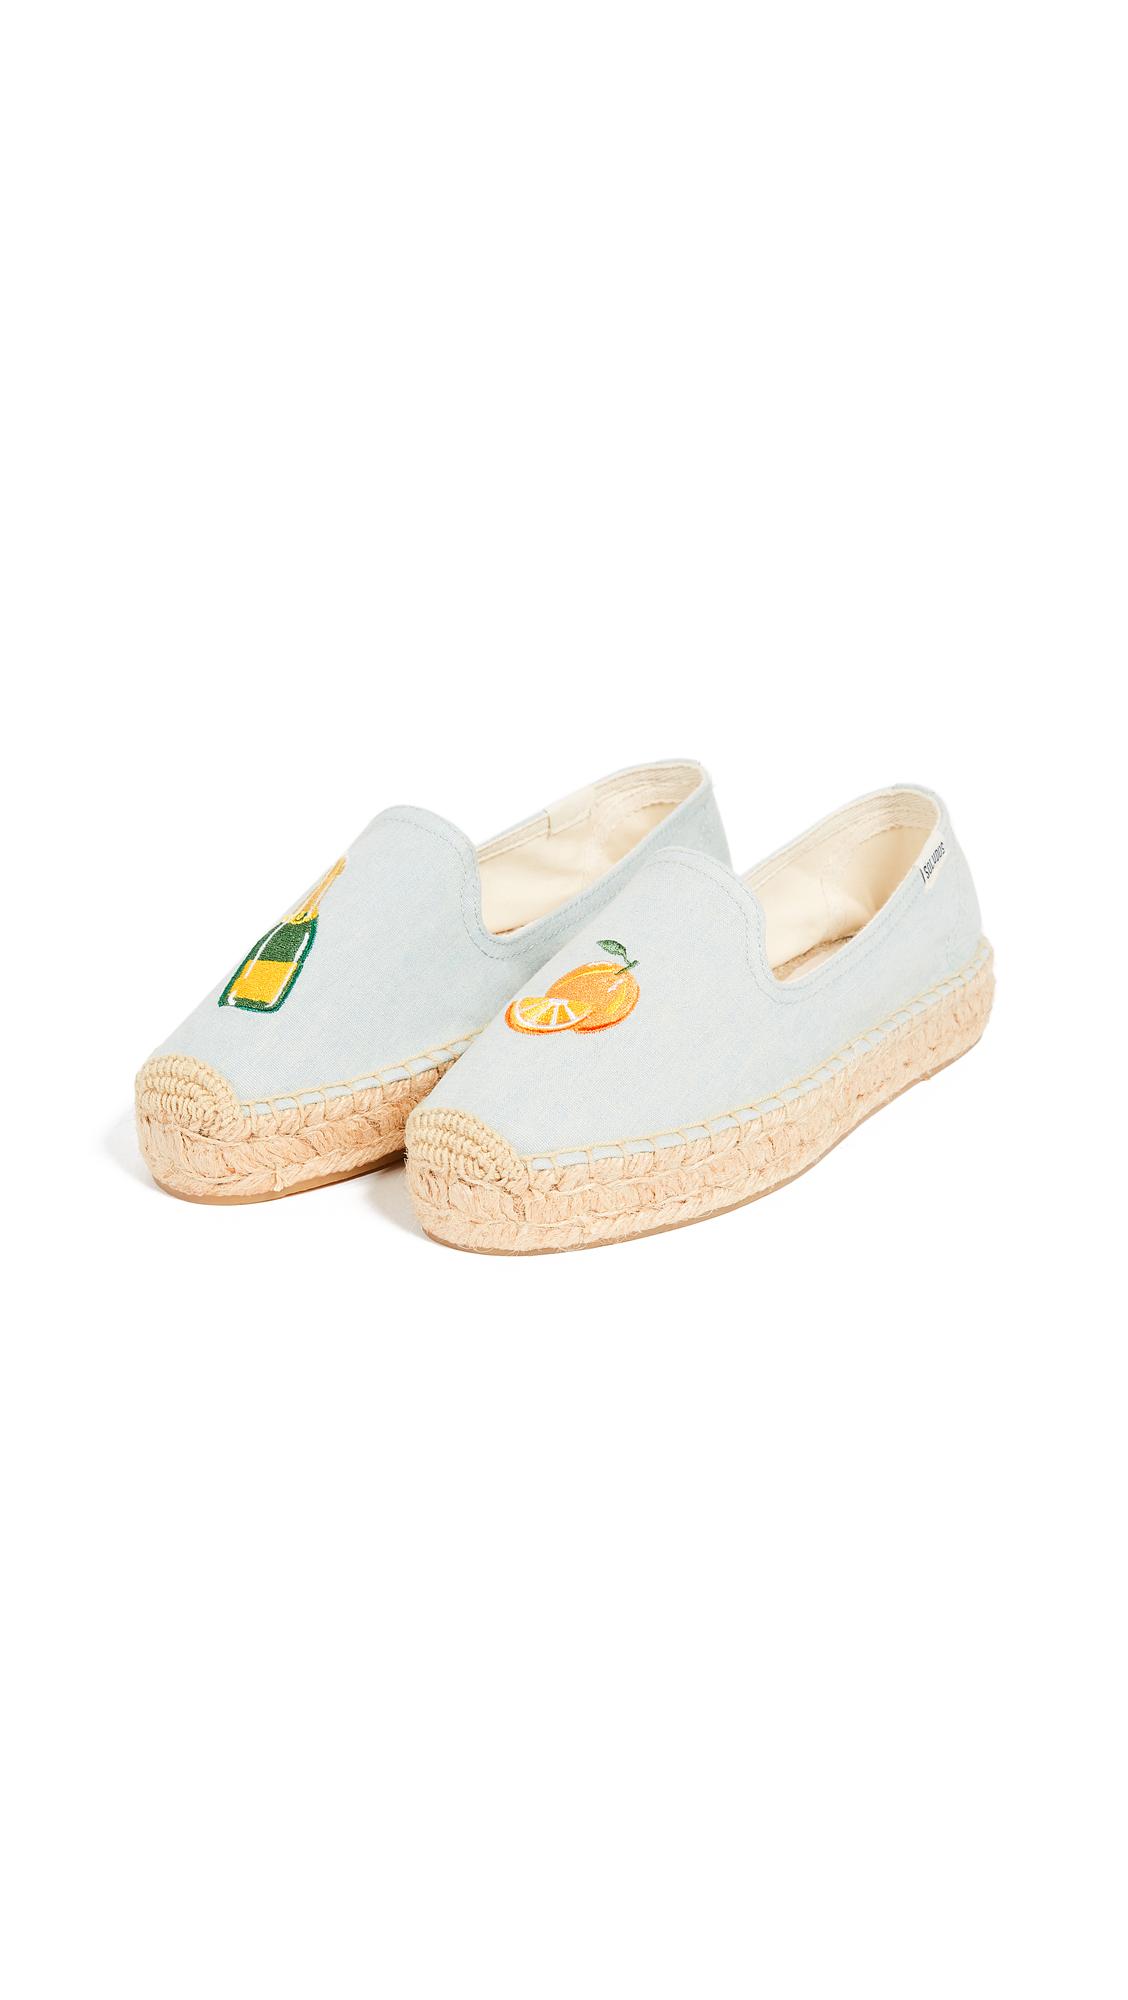 Soludos Mimosa Platform Smoking Slippers - Chambray